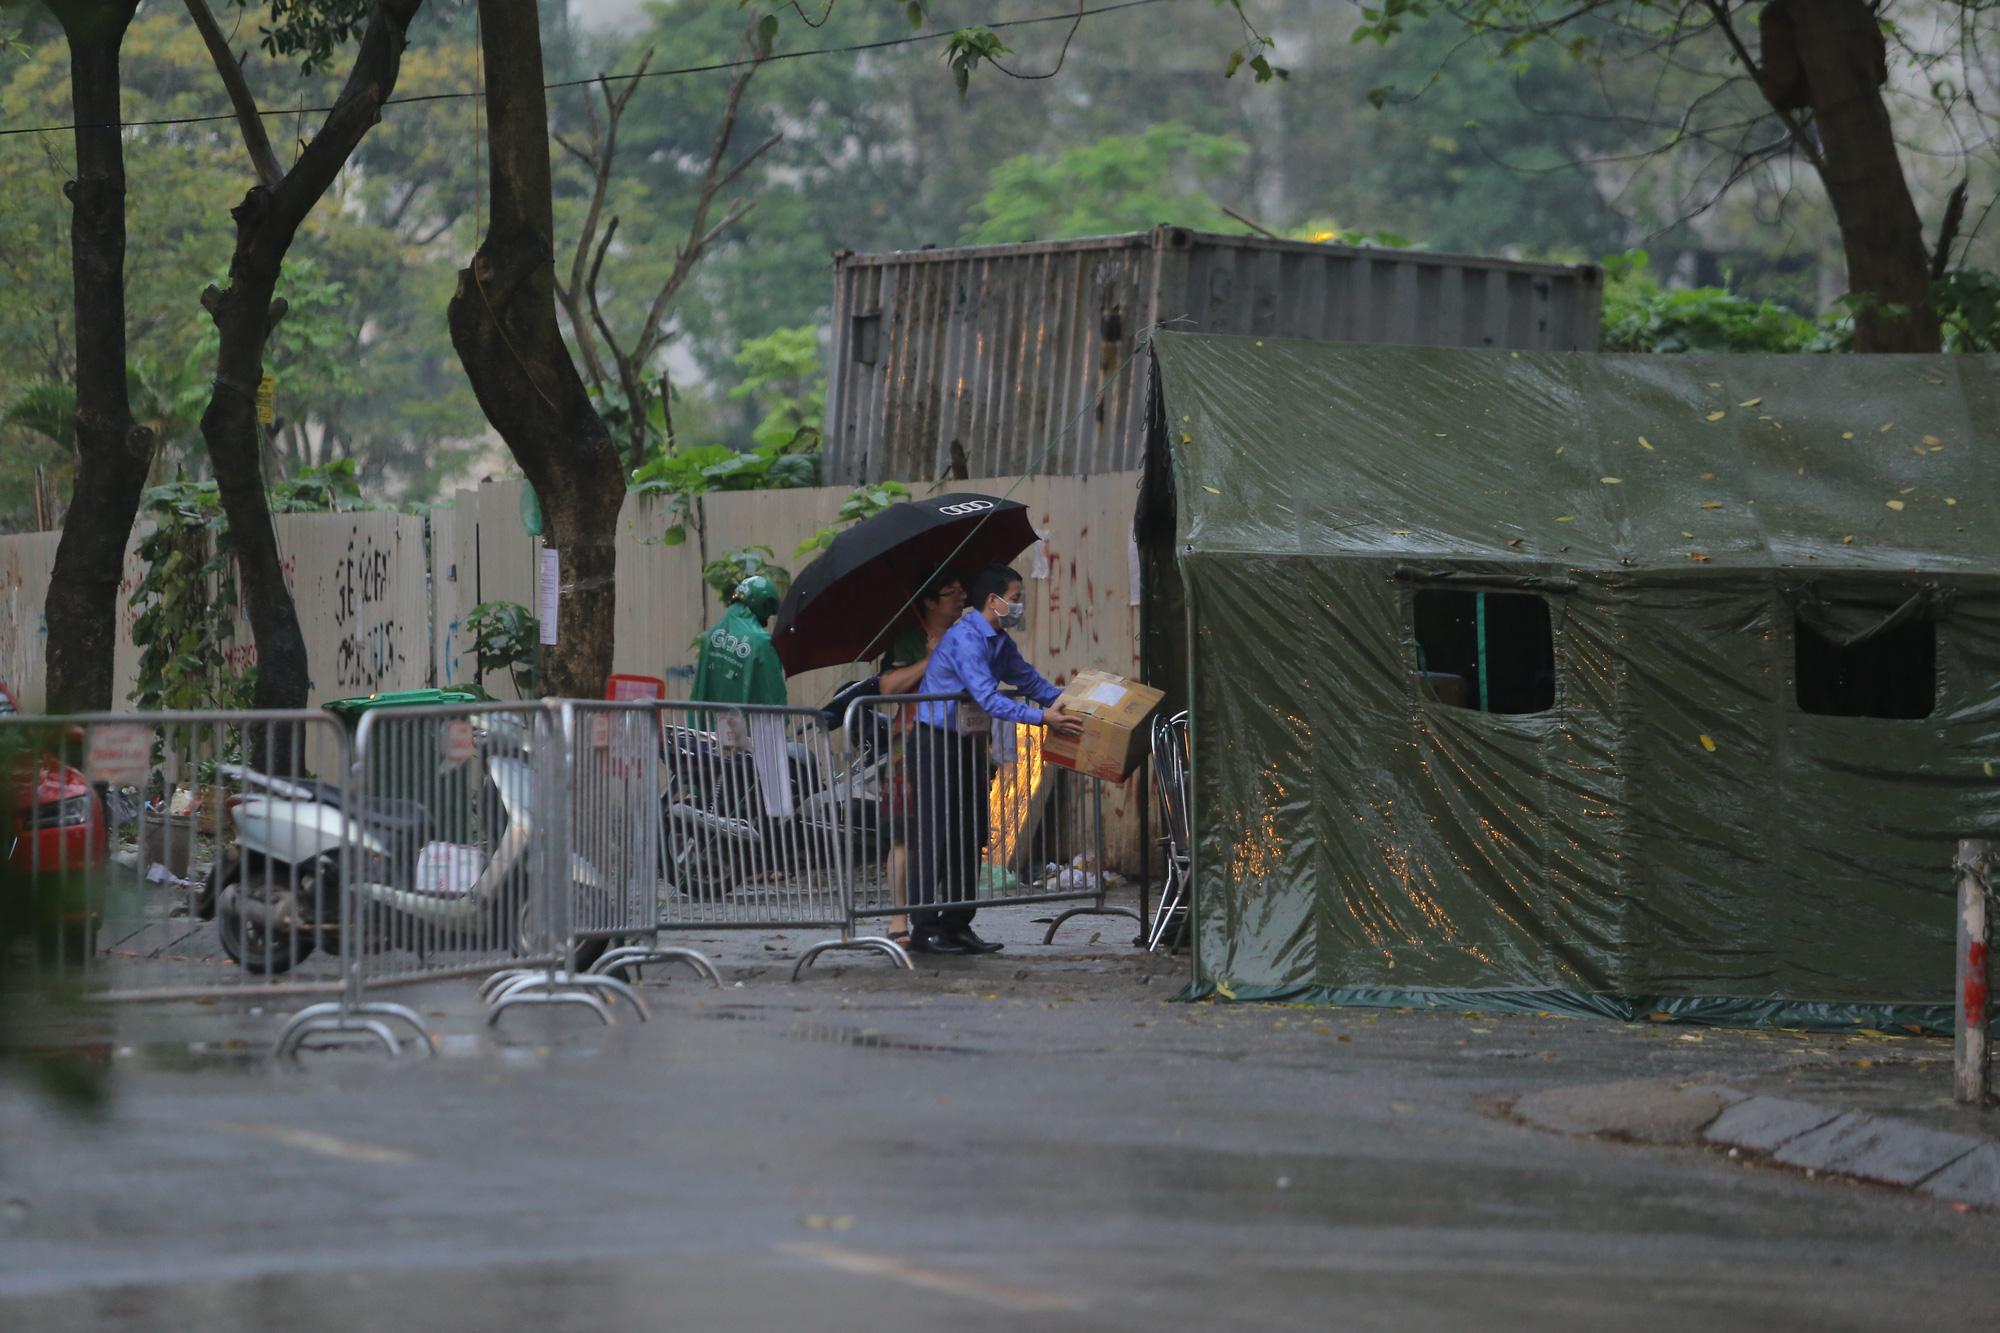 Quá giờ kí gửi đồ, nhiều người vẫn đội mưa nán lại chờ gửi đồ tiếp tế cho người thân ở khu cách ly Pháp Vân- Tứ Hiệp - Ảnh 12.